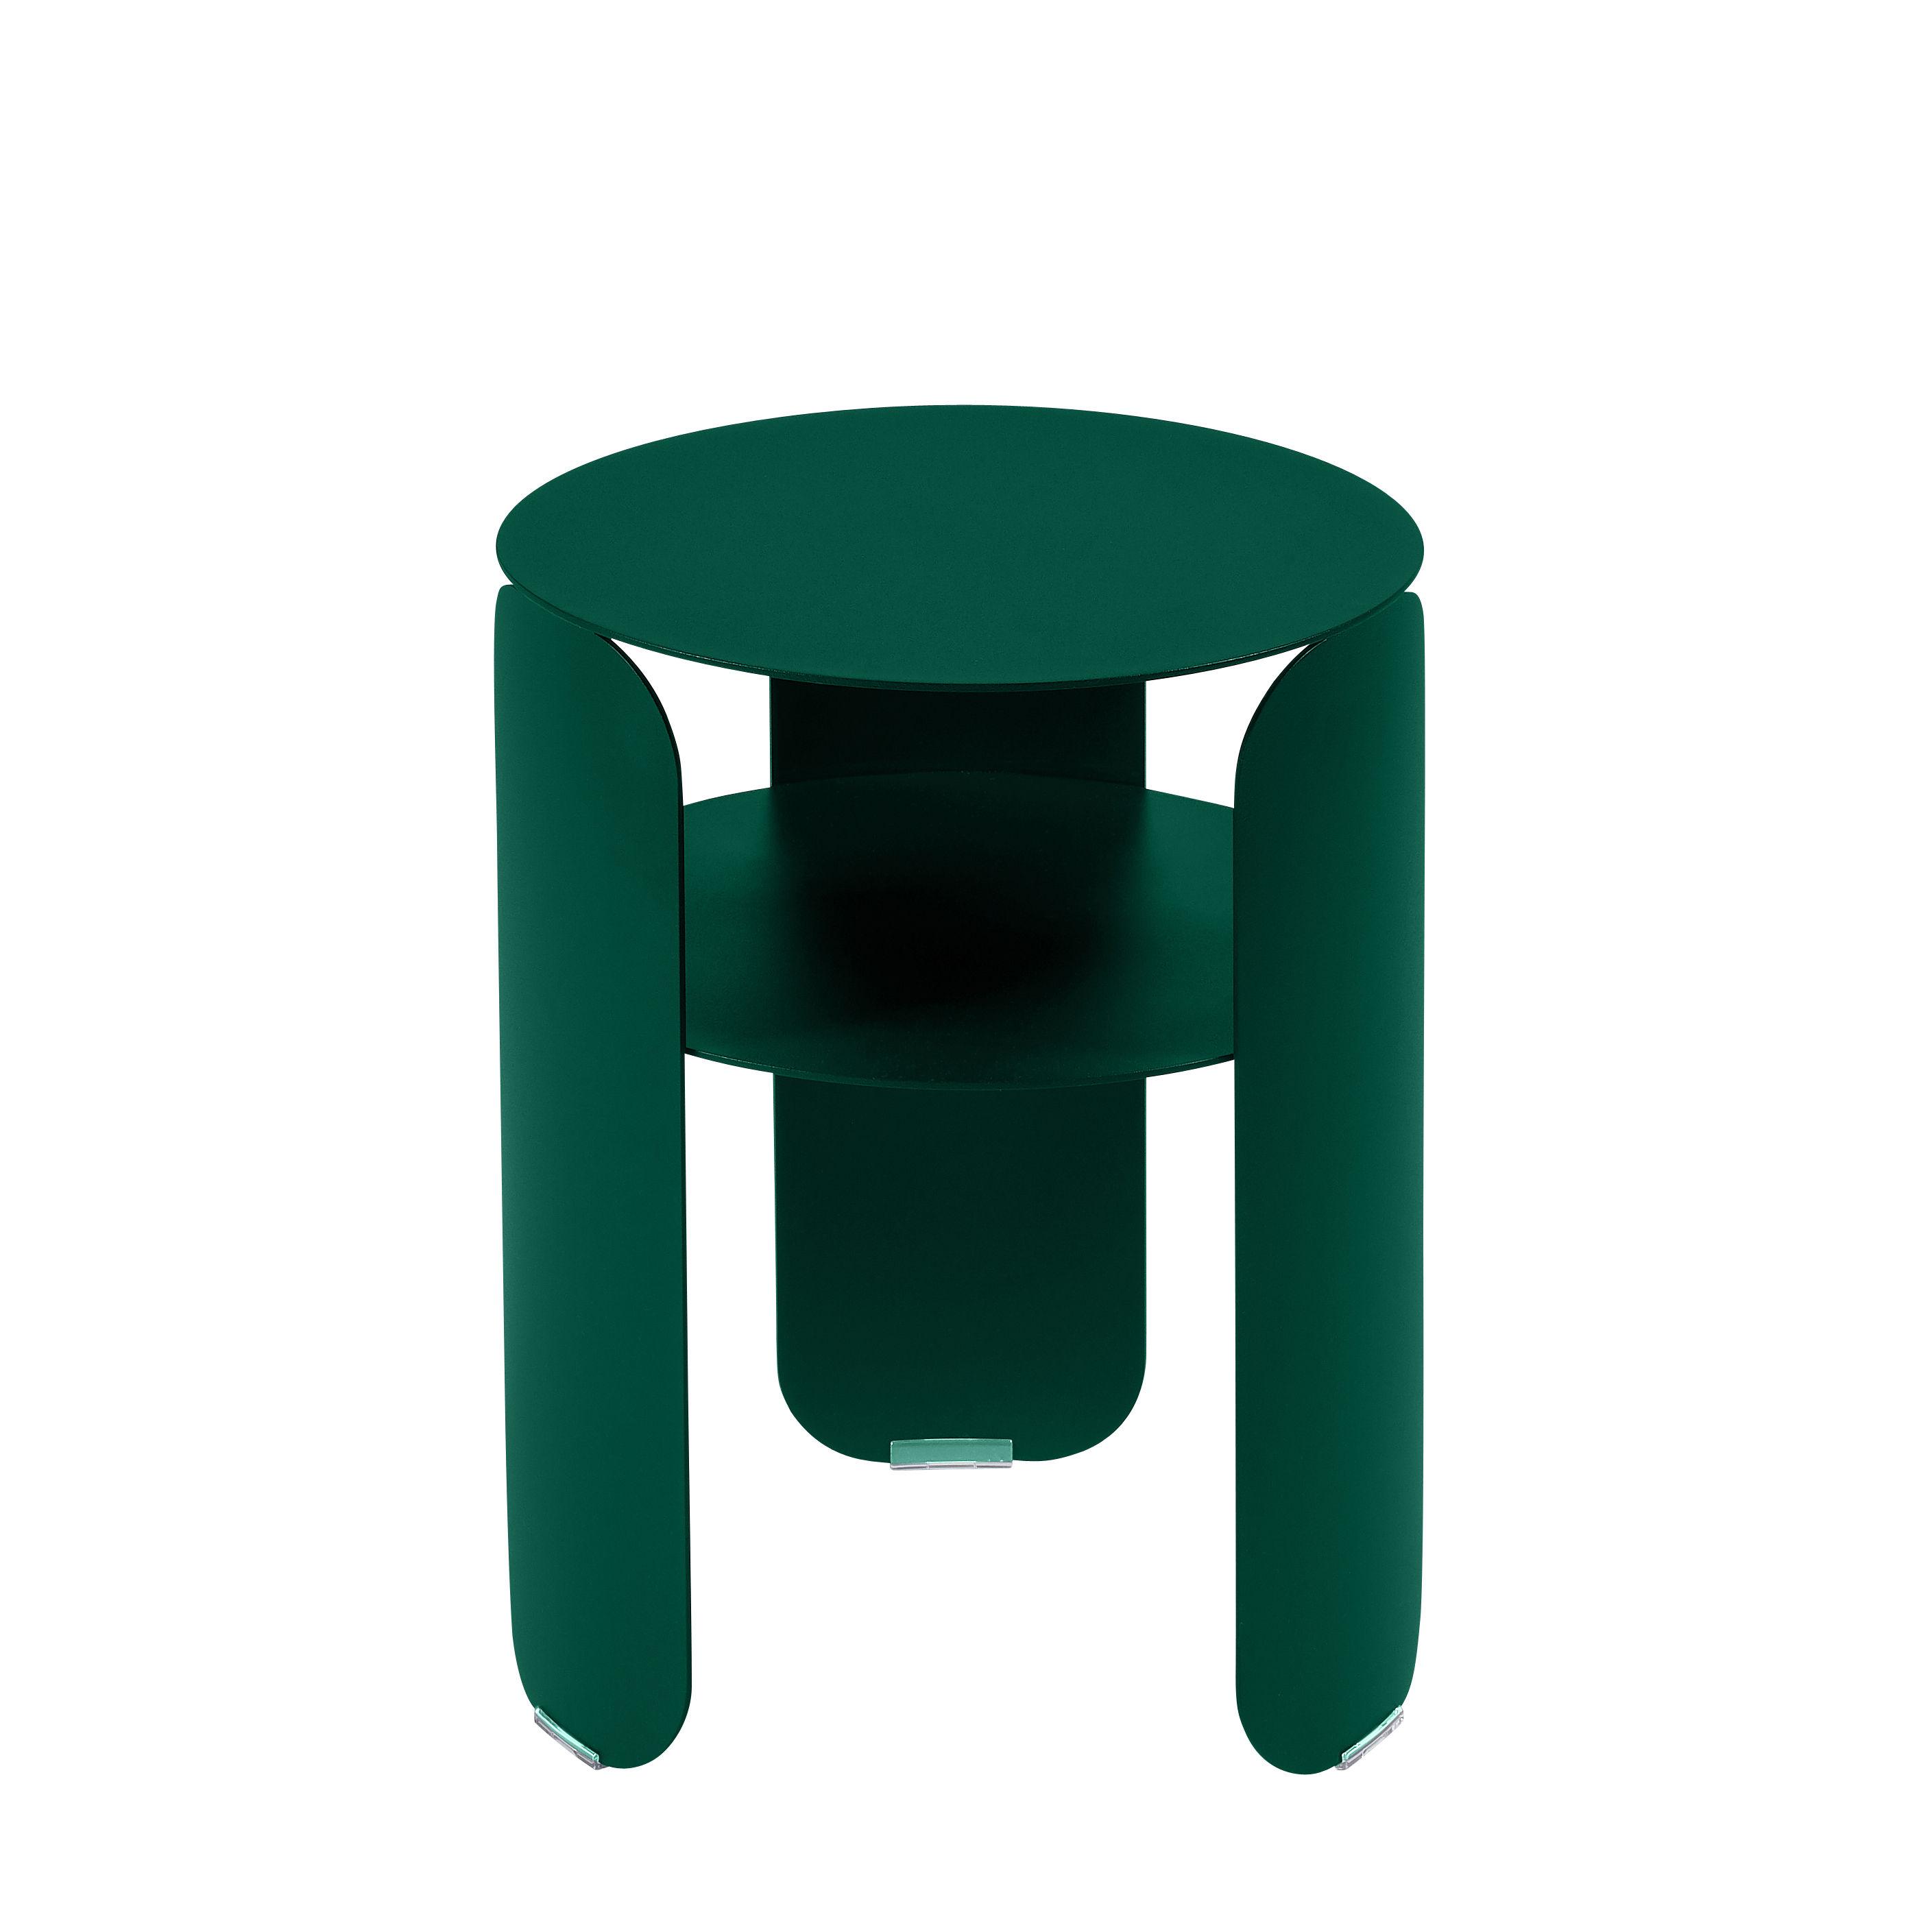 Möbel - Couchtische - Bebop Beistelltisch / Ø 35 x H 45 cm - Fermob - Zederngrün - bemaltes Aluminium